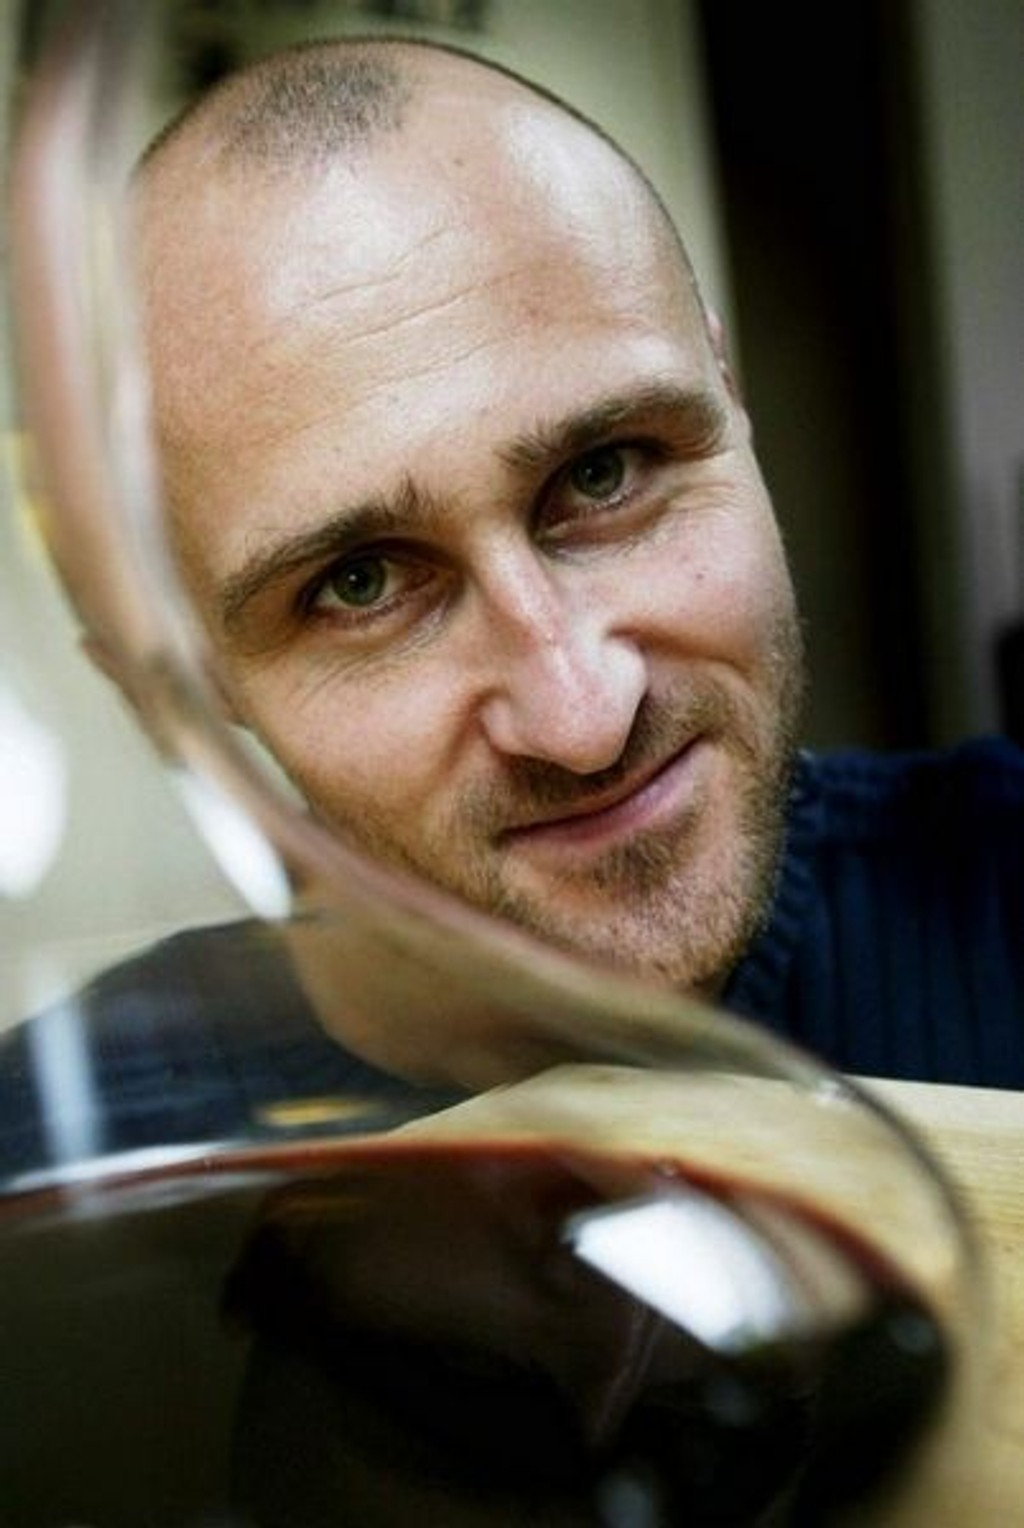 EKSPERT: Ole Martin Alfsen er vinkelner og fagansvarlig for mat og drikke ved Kulinarisk Akademi. Ansvarlig for vinkelnerutdannelsen i Norge. (FOTO: Paal Audestad)